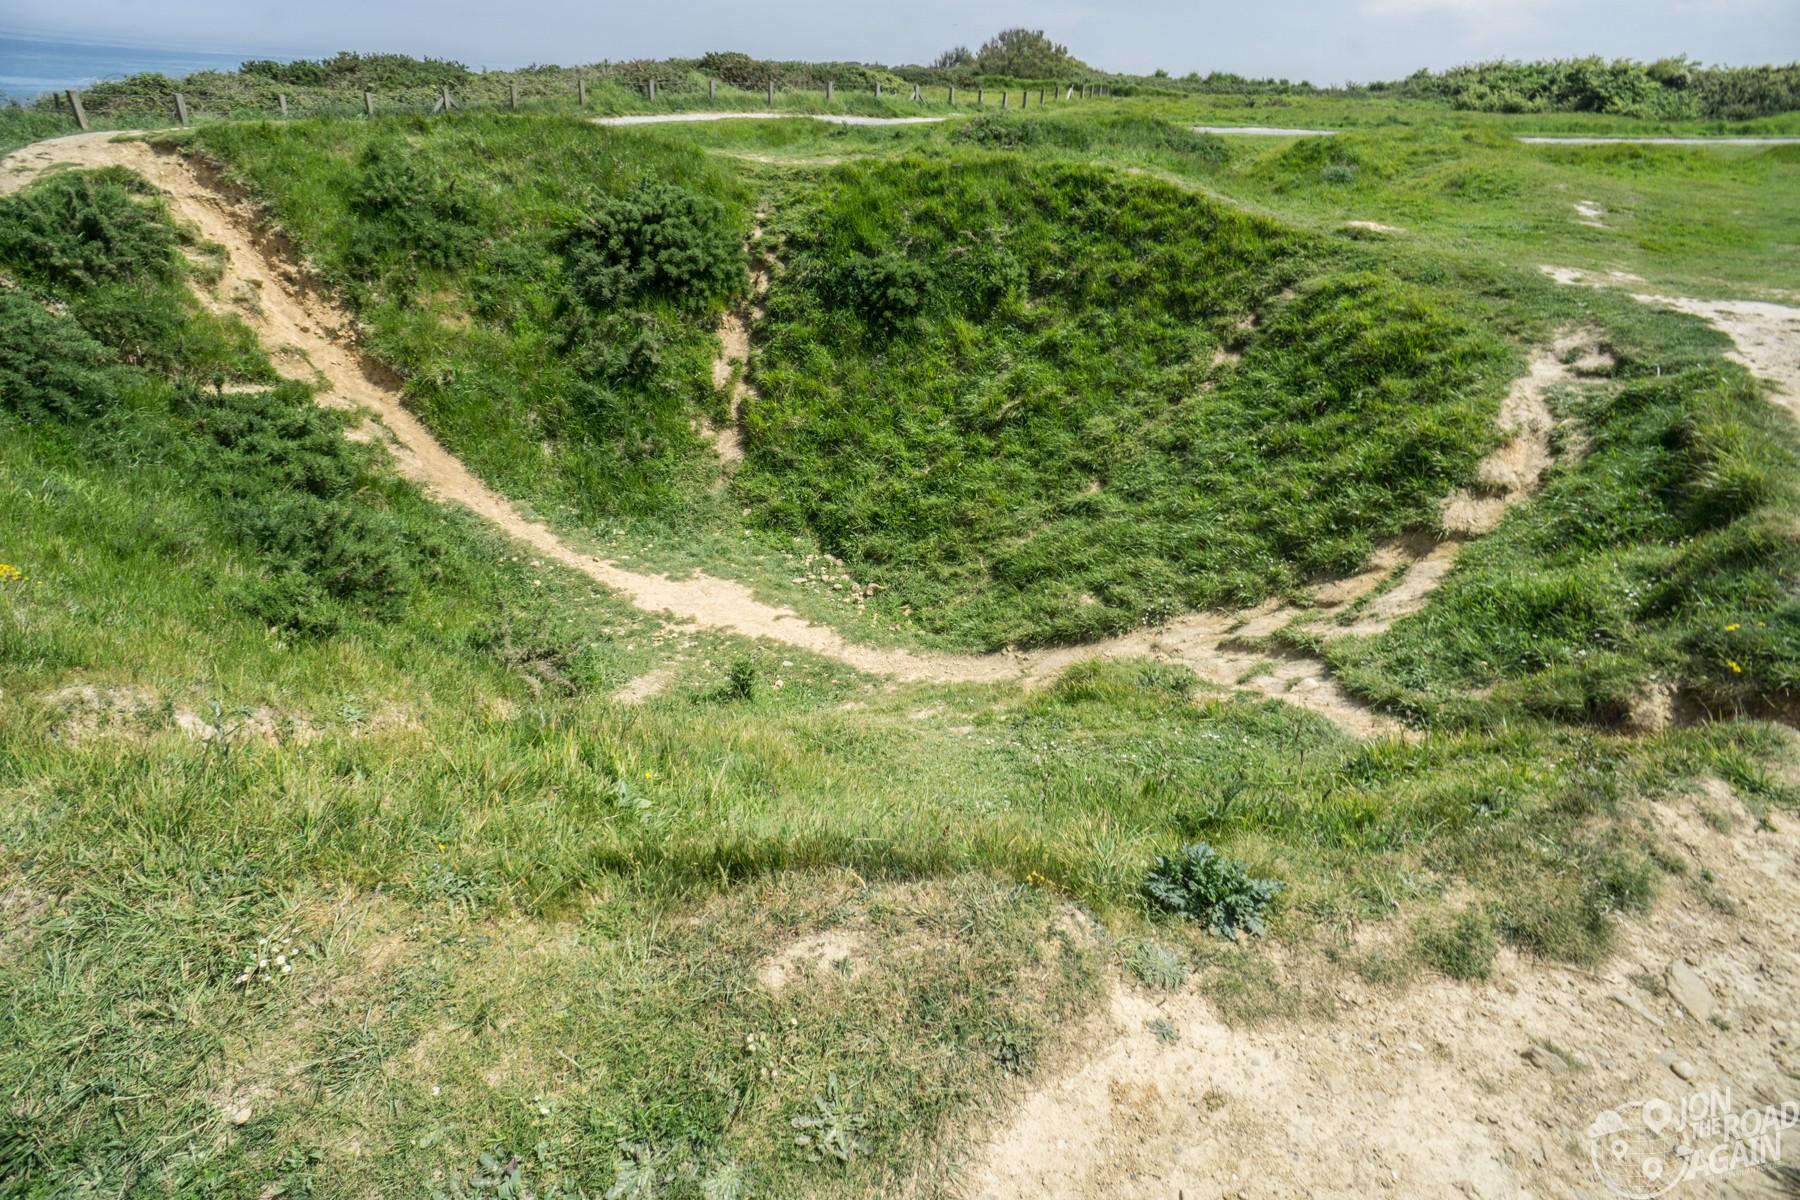 Pointe du Hoc bomb crater